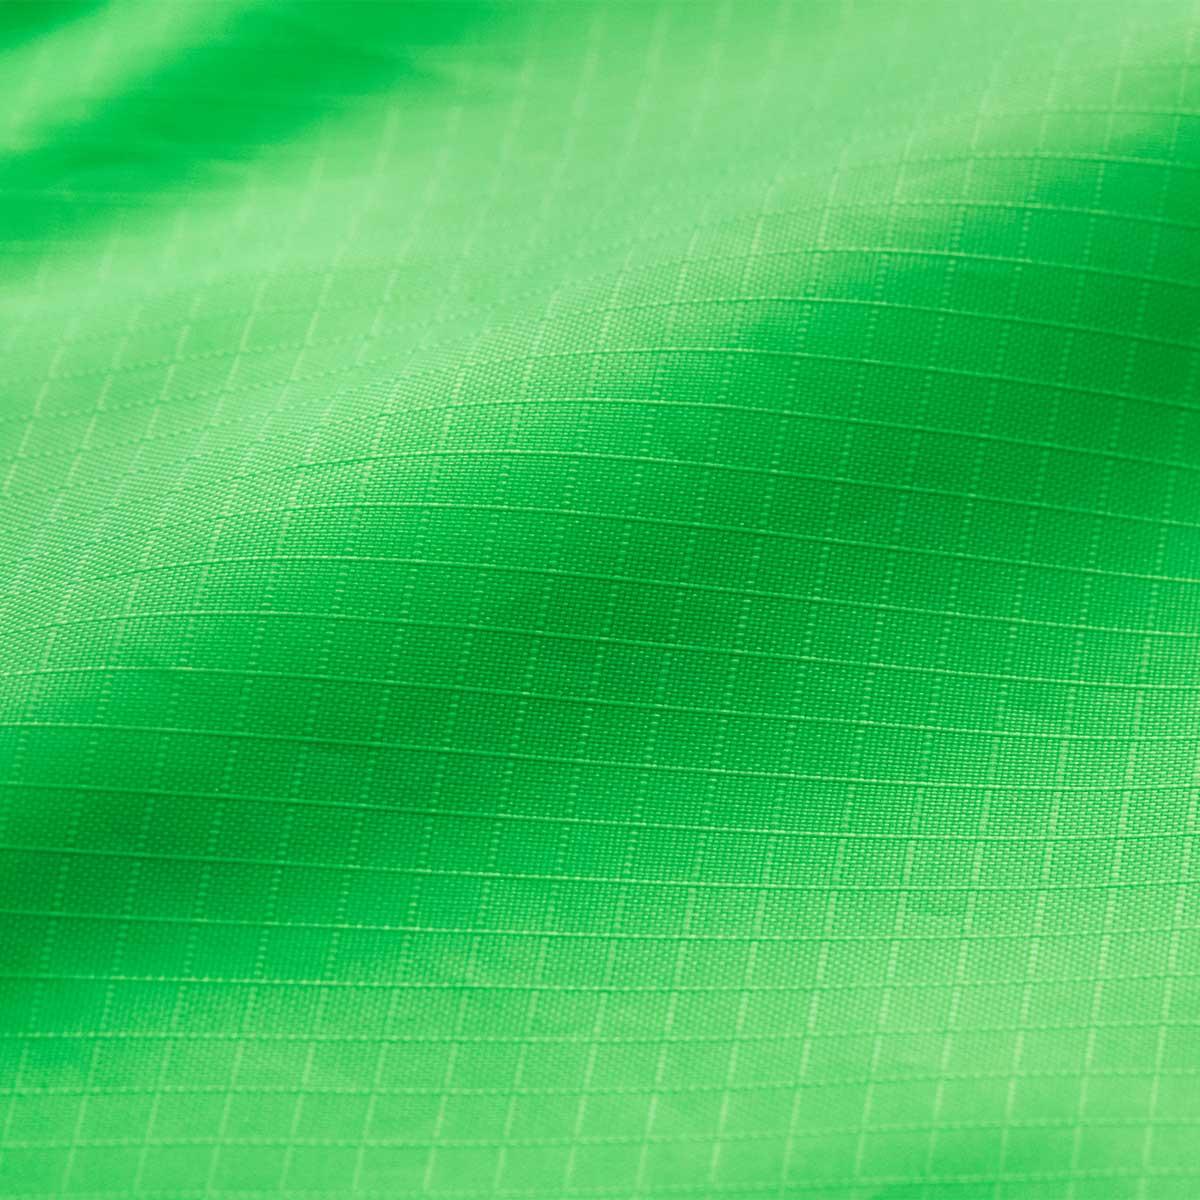 薄いけれど、ポリエステルを格子状に編んだリップストップ(rip-stop)生地だからとても丈夫。ファッションに合わせて選べる豊富なカラー展開。スマートに持ち歩ける折りたたみエコバッグ|KATOKOA